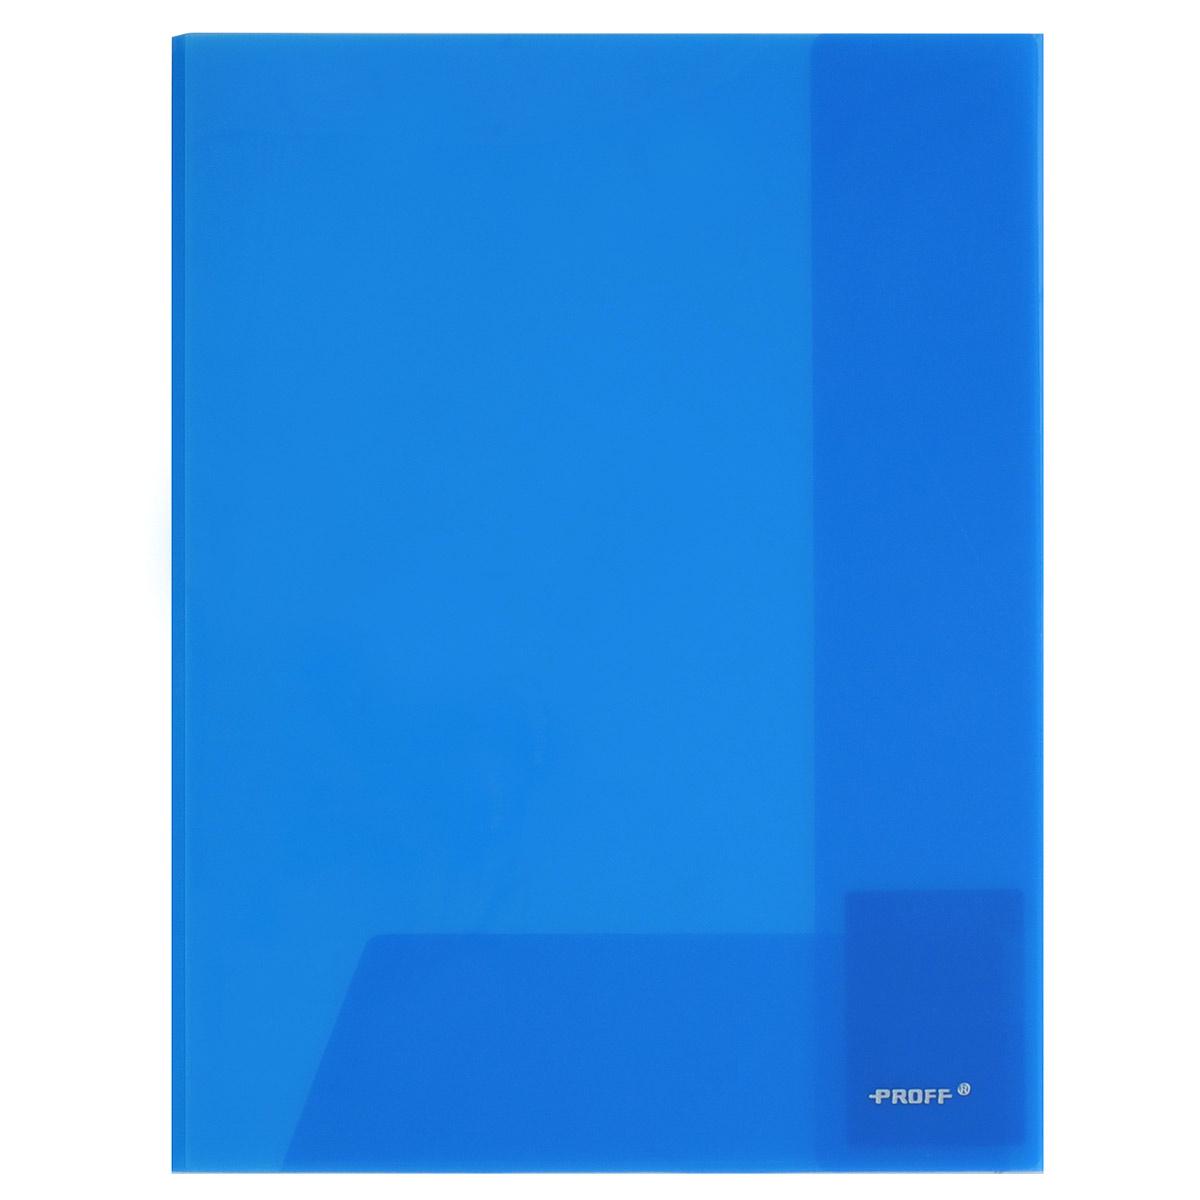 Папка-уголок Proff, цвет: синий, 2 клапана. Формат А4E311A/30-TF-04Папка-уголок Proff, изготовленная из высококачественного полипропилена, этоудобный и практичный офисный инструмент, предназначенный для хранения итранспортировки рабочих бумаг и документов формата А4. Полупрозрачнаяпапка оснащена двумя клапана внутри для надежного удержания бумаг.Папка-уголок - это незаменимый атрибут для студента, школьника, офисногоработника. Такая папка надежно сохранит ваши документы и сбережет их отповреждений, пыли и влаги.